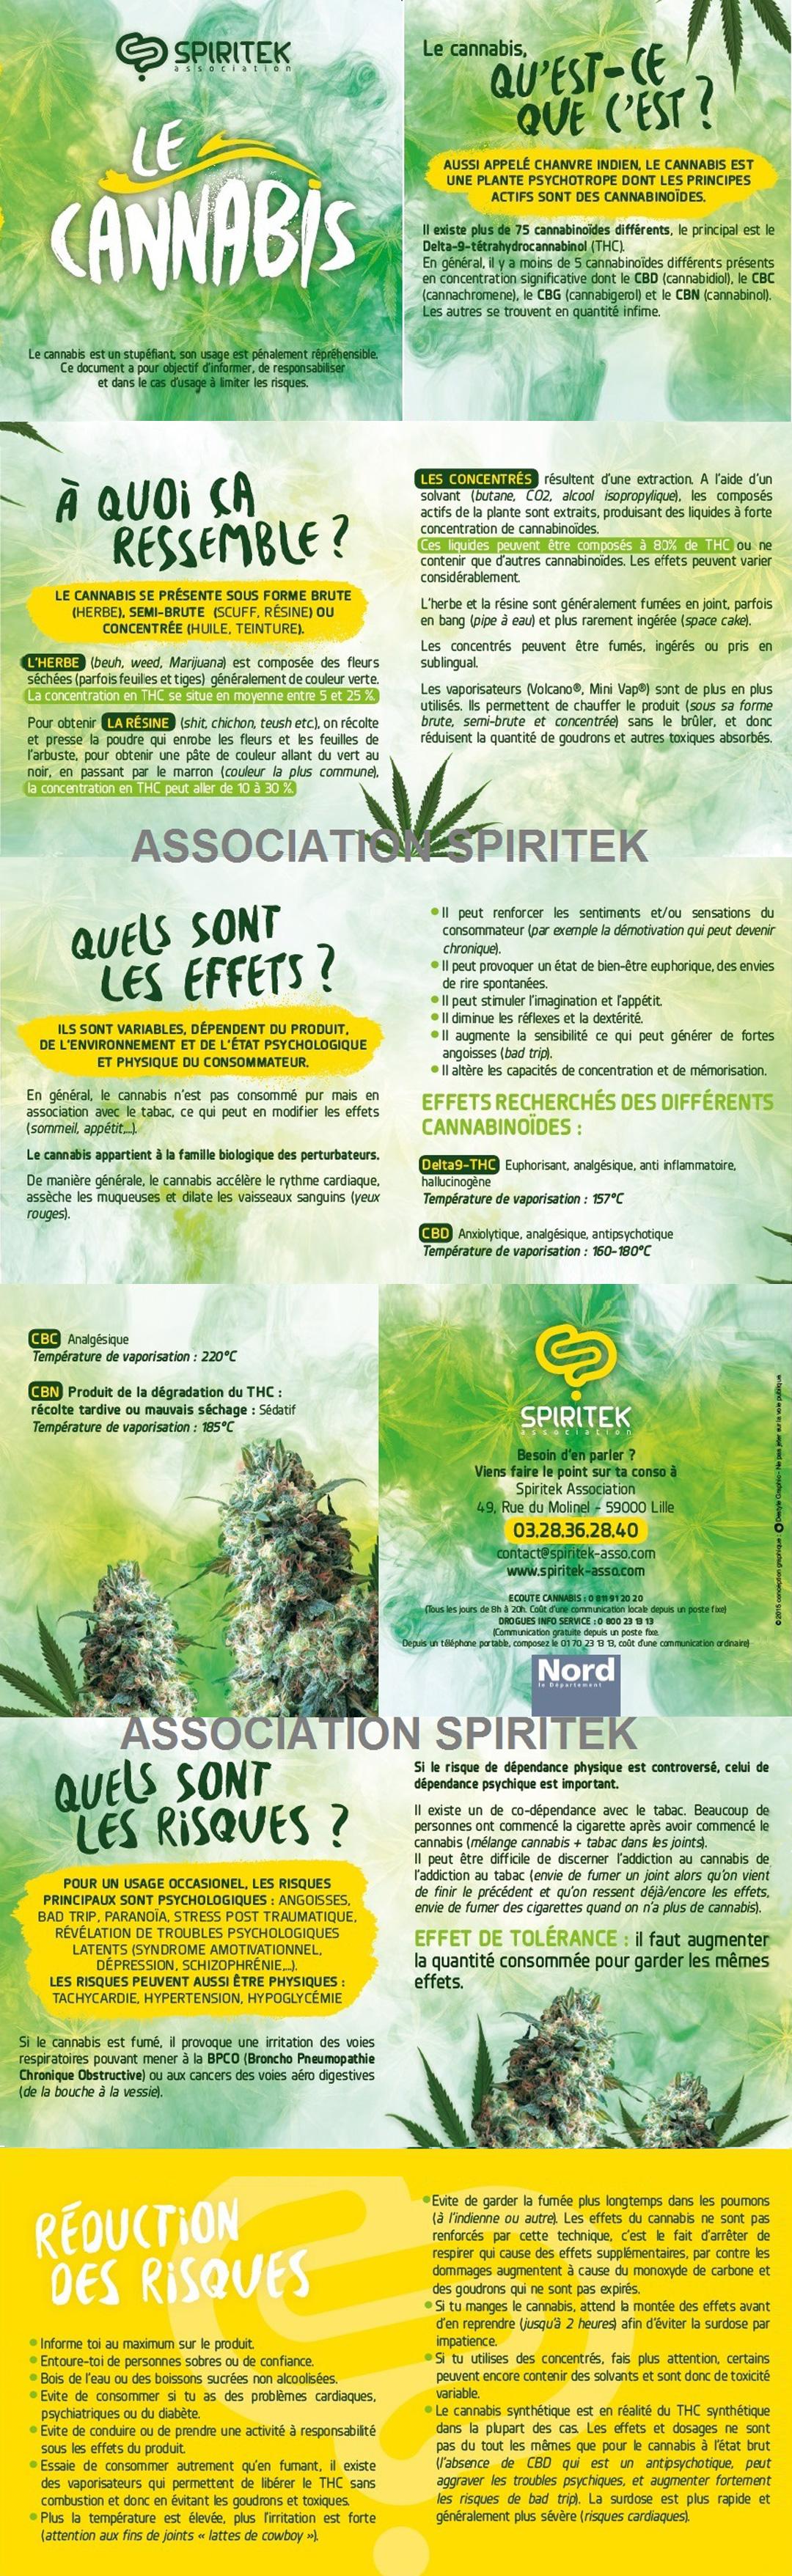 Télécharger le flyer sur la Cannabis en pdf